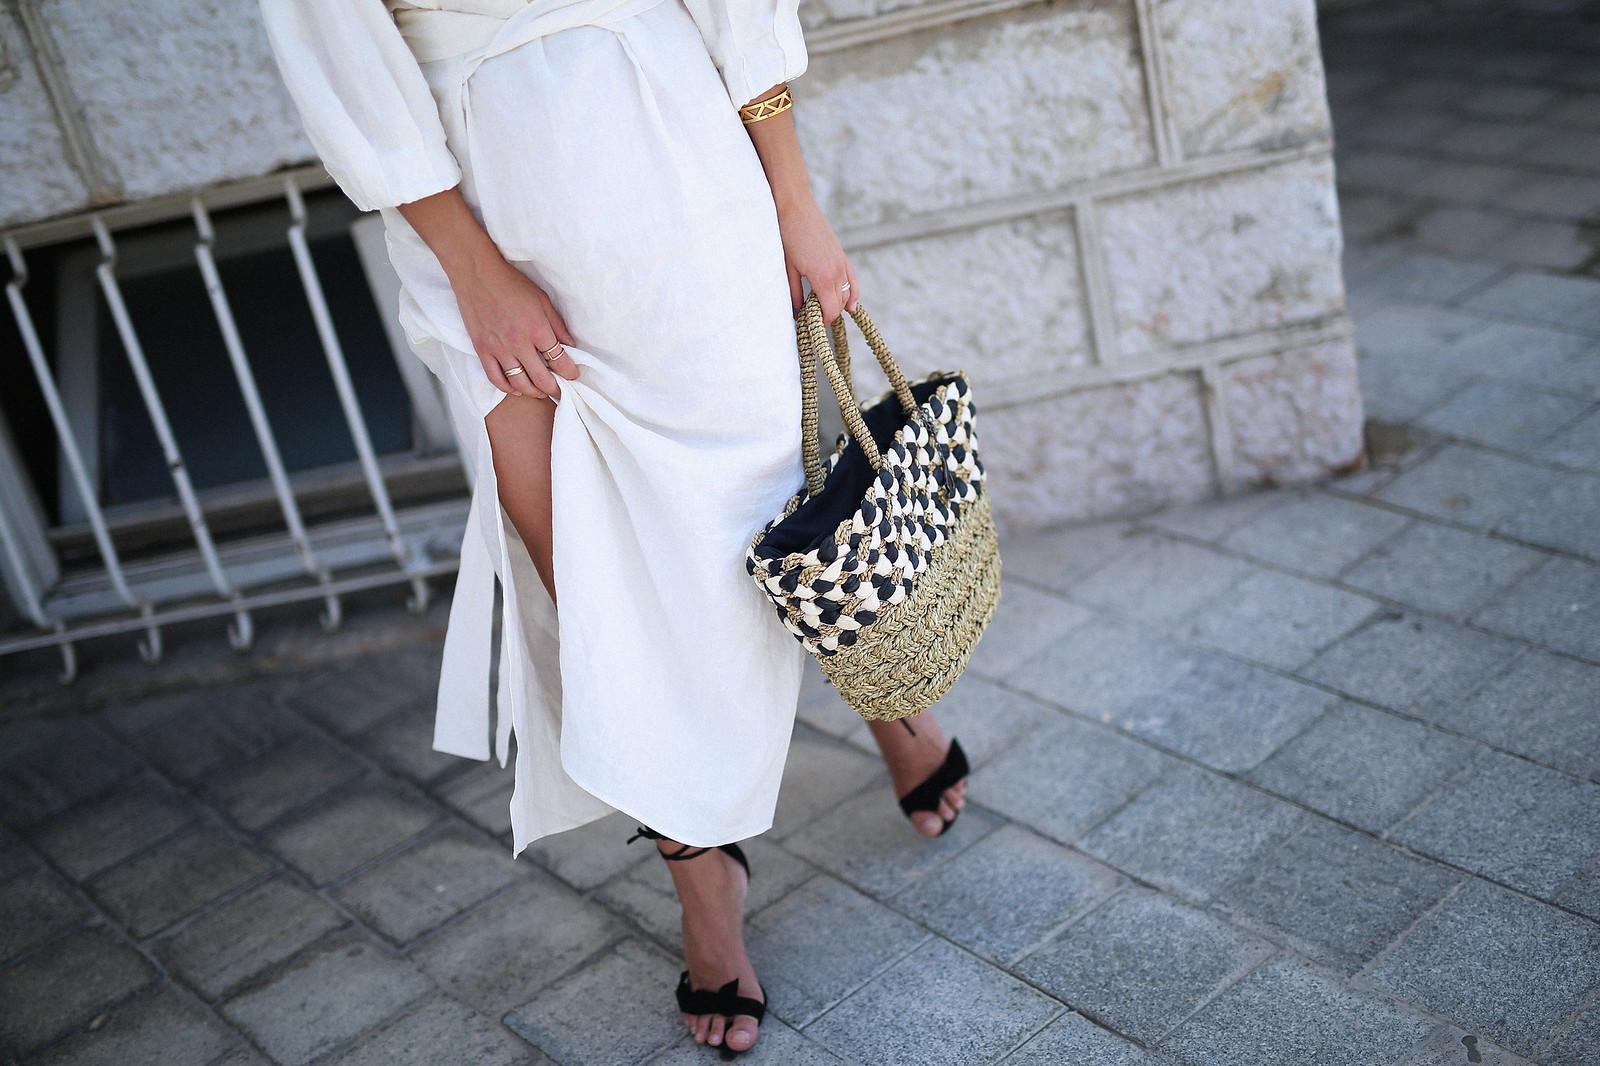 jessie chanes seams for a desire zara vestido lino capazo rafia-4